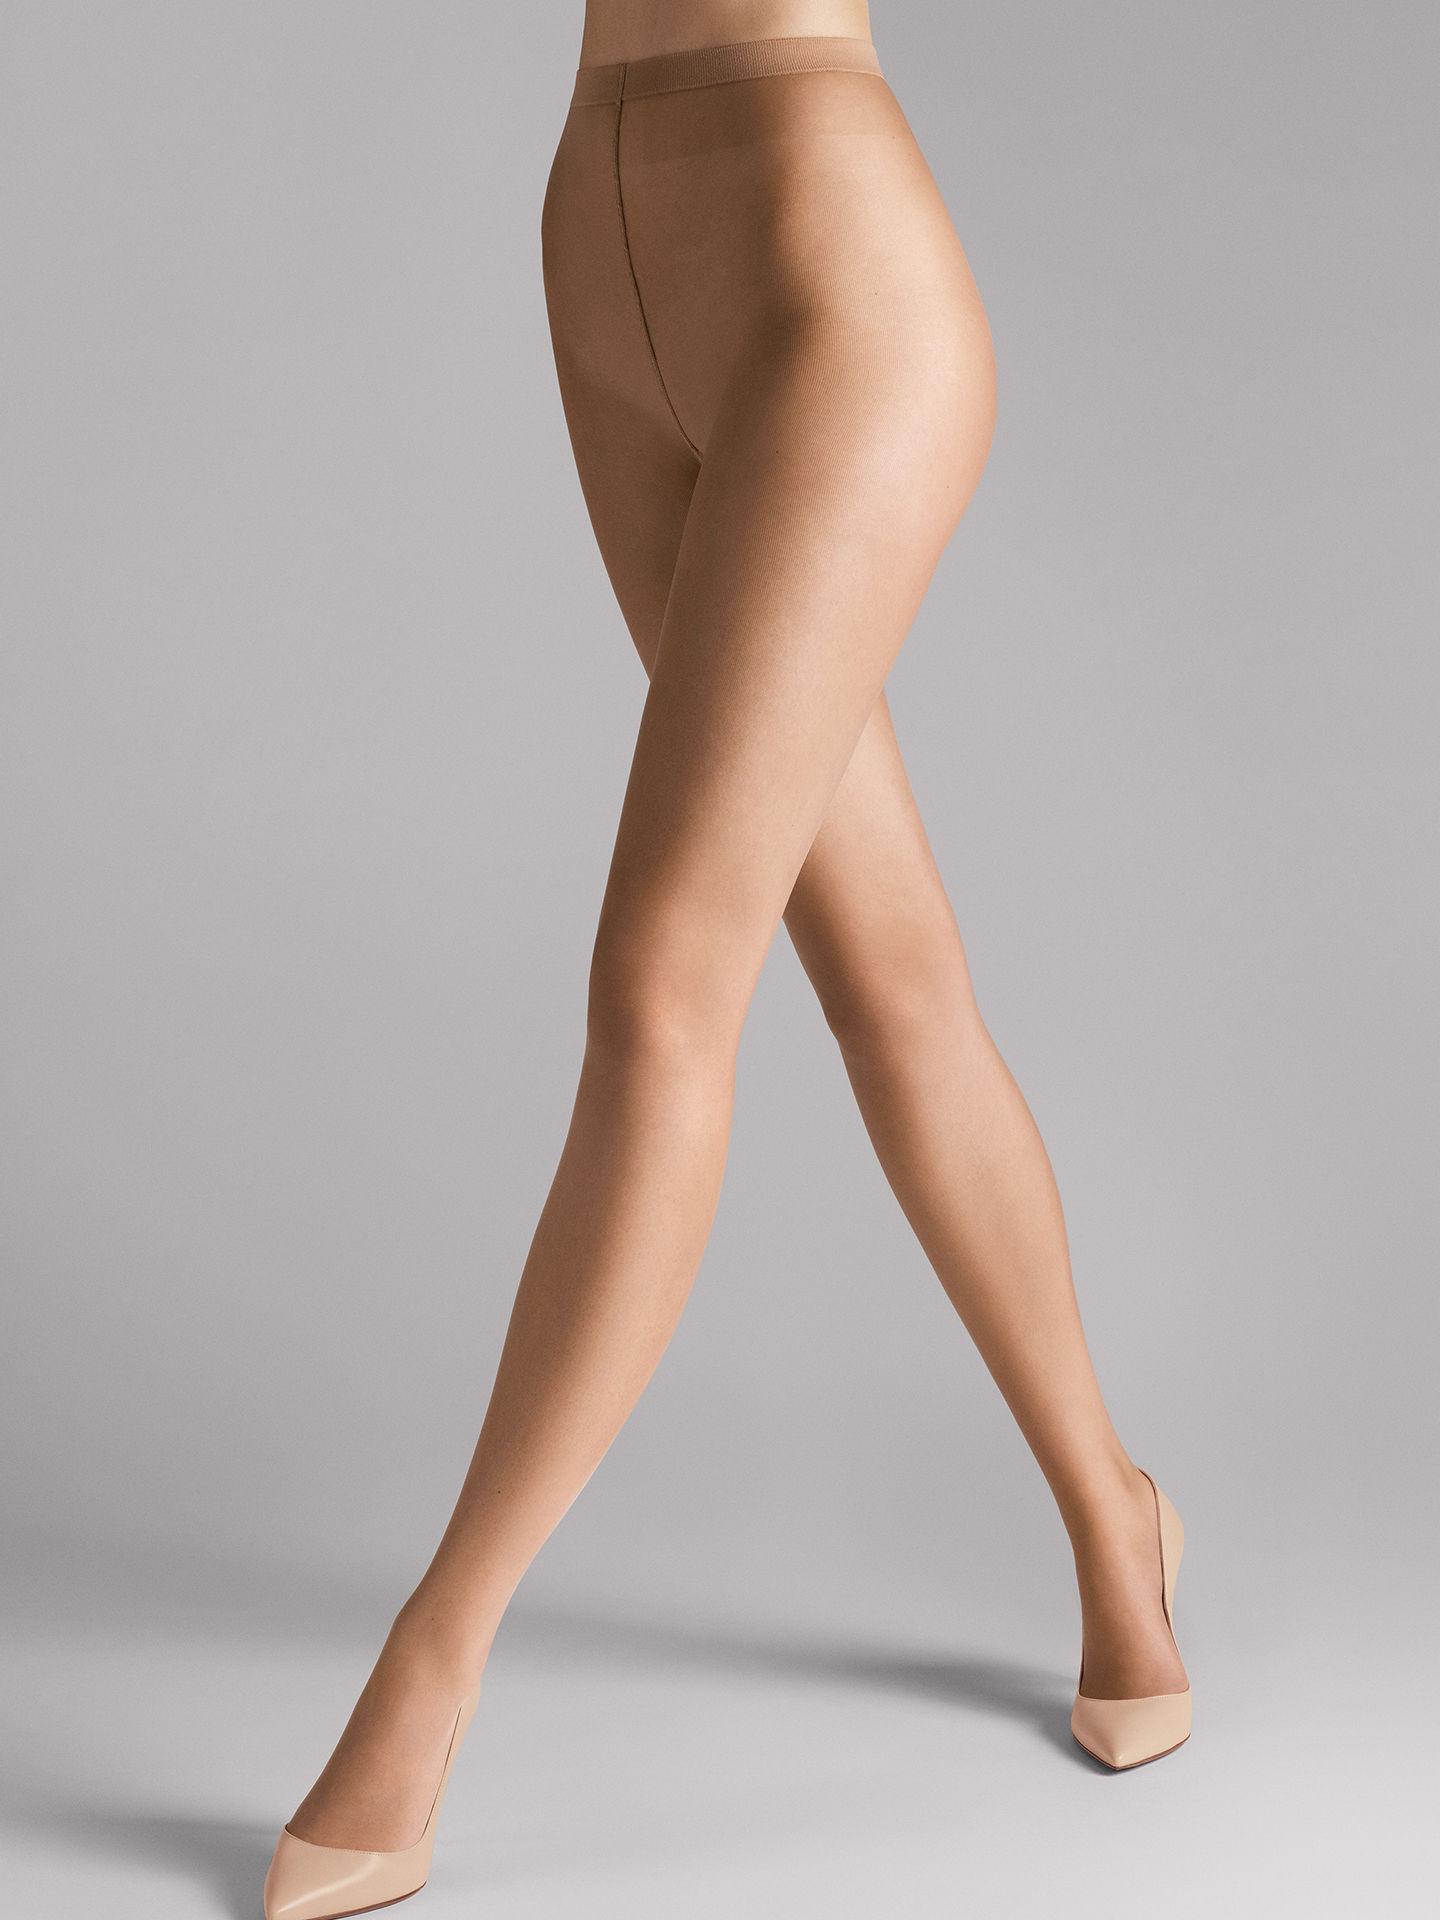 奥地利Wolford Naked 8D 超透明水晶丝 丝滑舒适 裤袜丝袜 10448